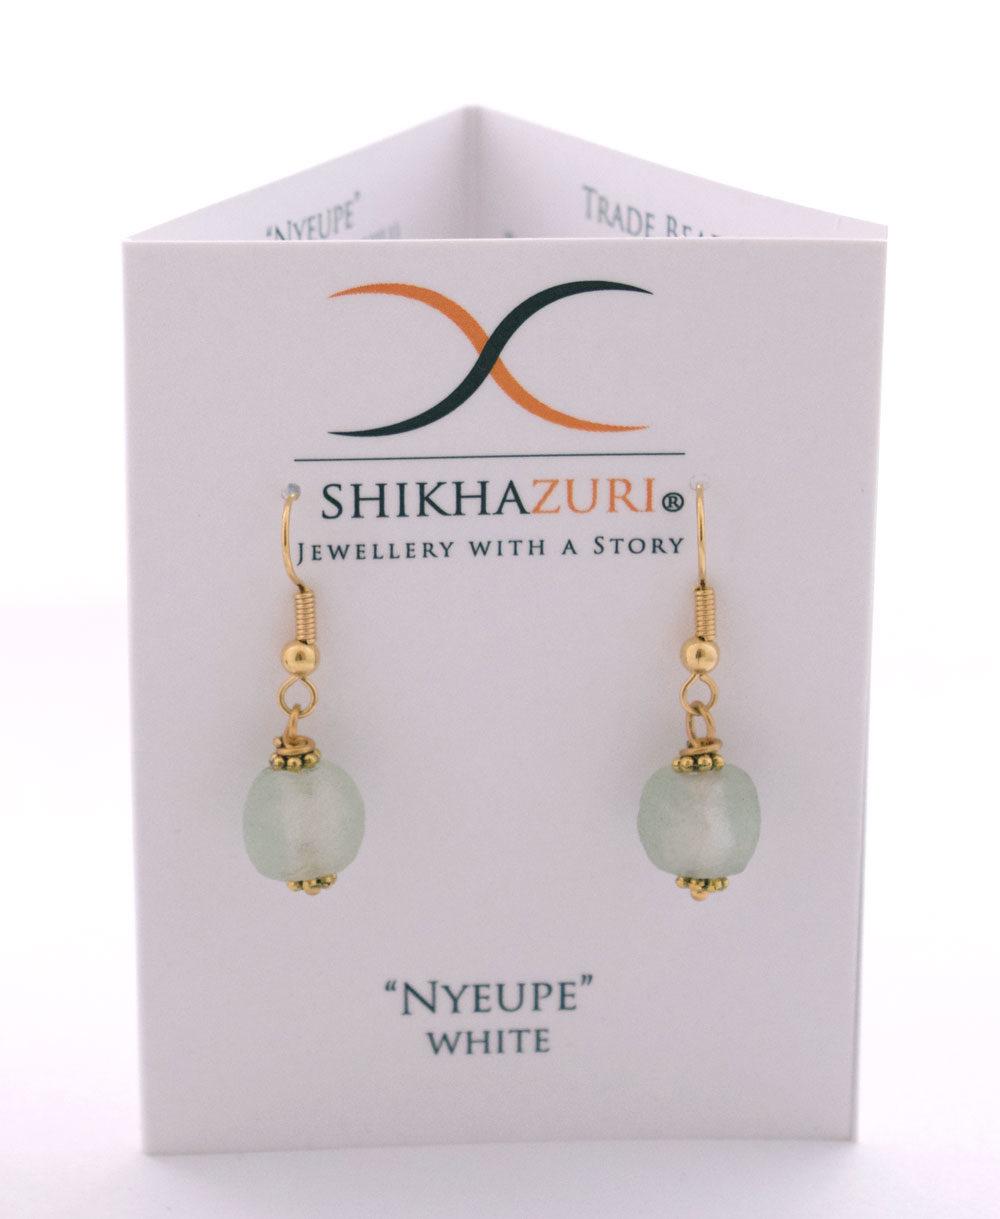 White Jiona Earrings Carded by SHIKHAZURI